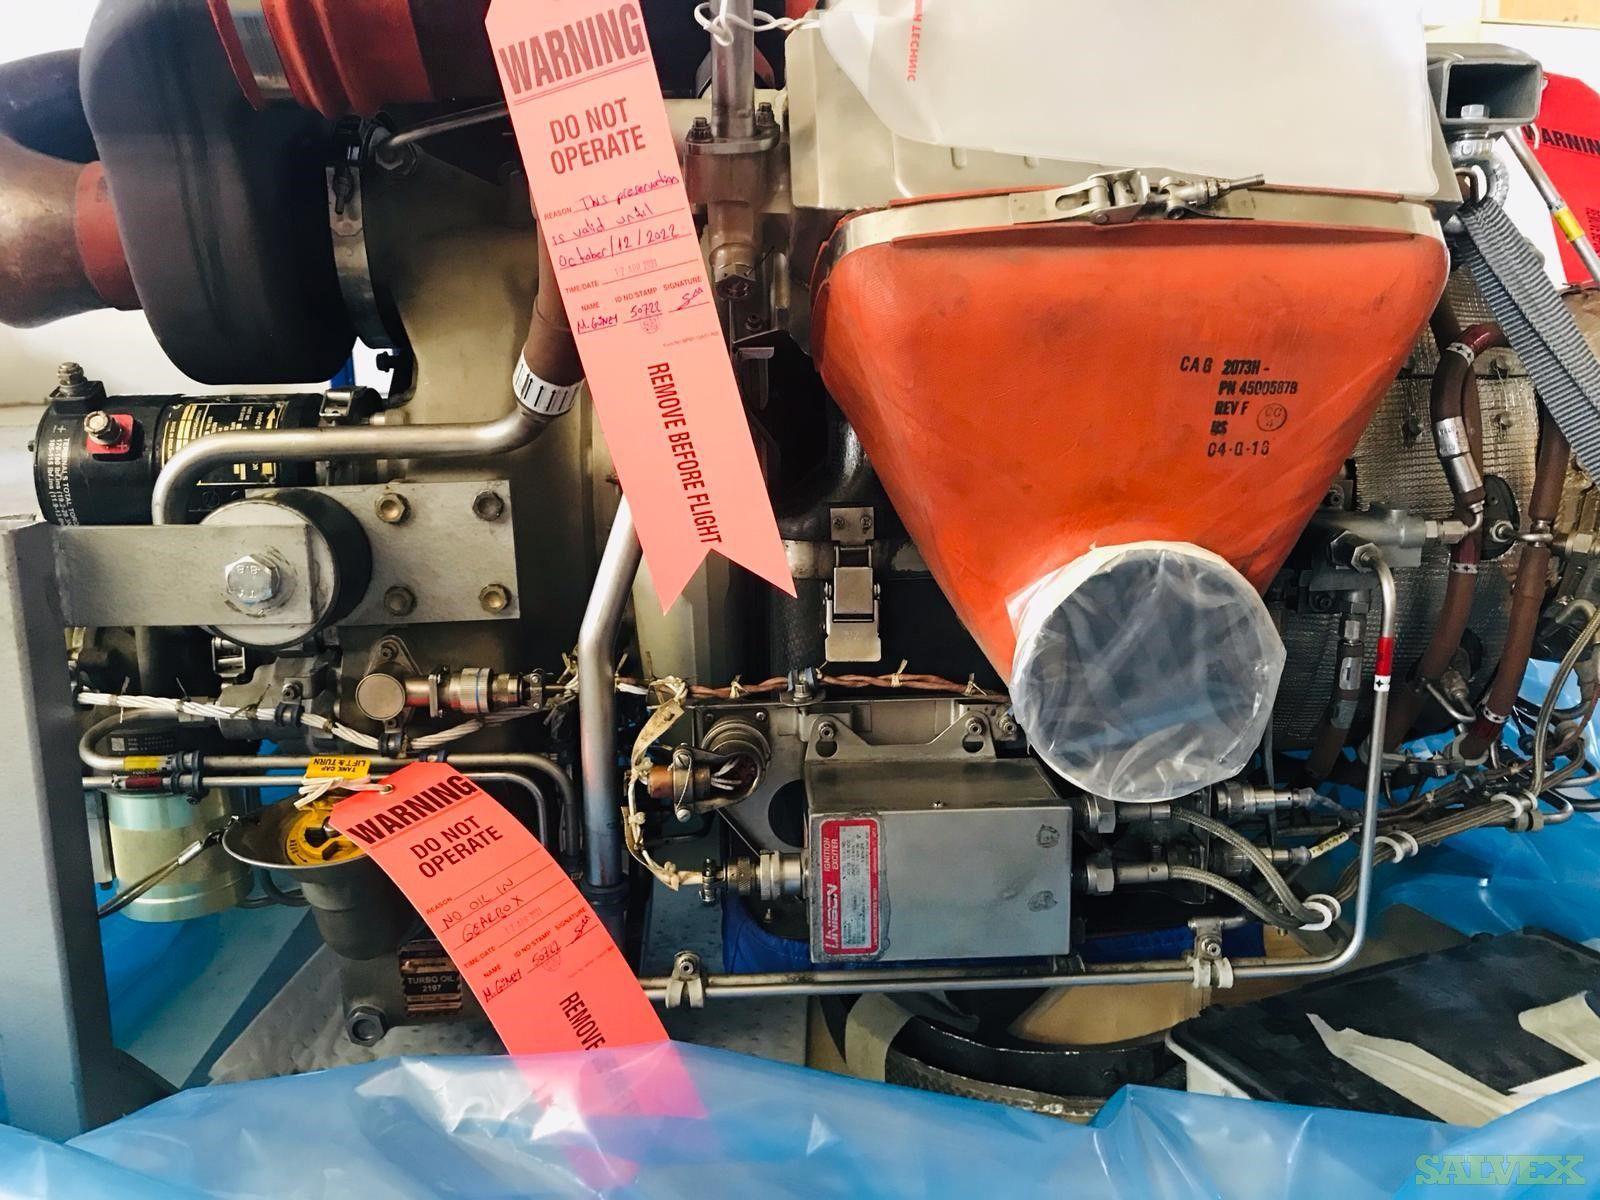 APS 3200 Auxiliary Power Unit (APU) (1 Unit)